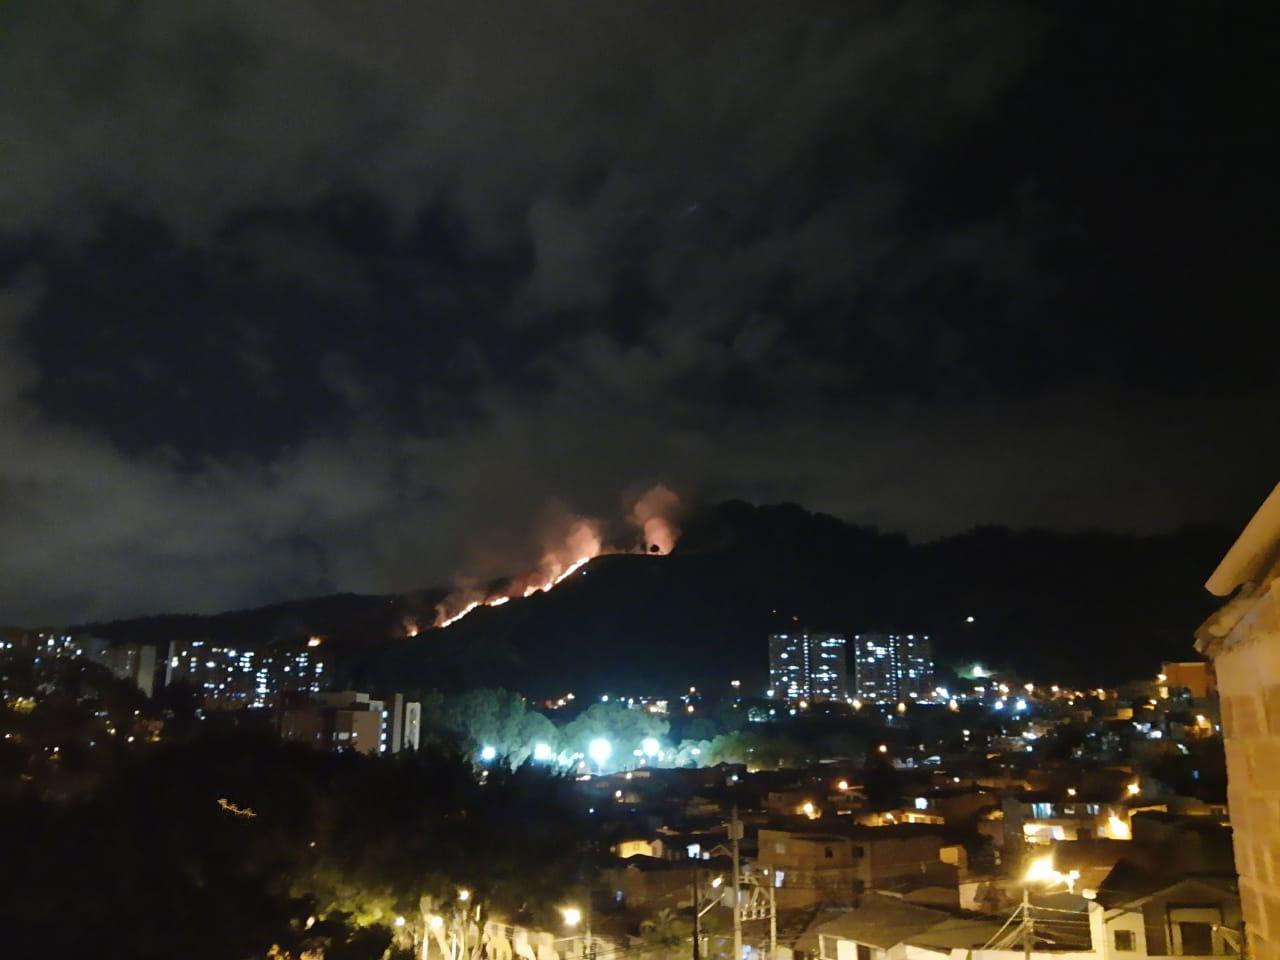 Capturados presuntos responsables de incendio forestal en Medellín